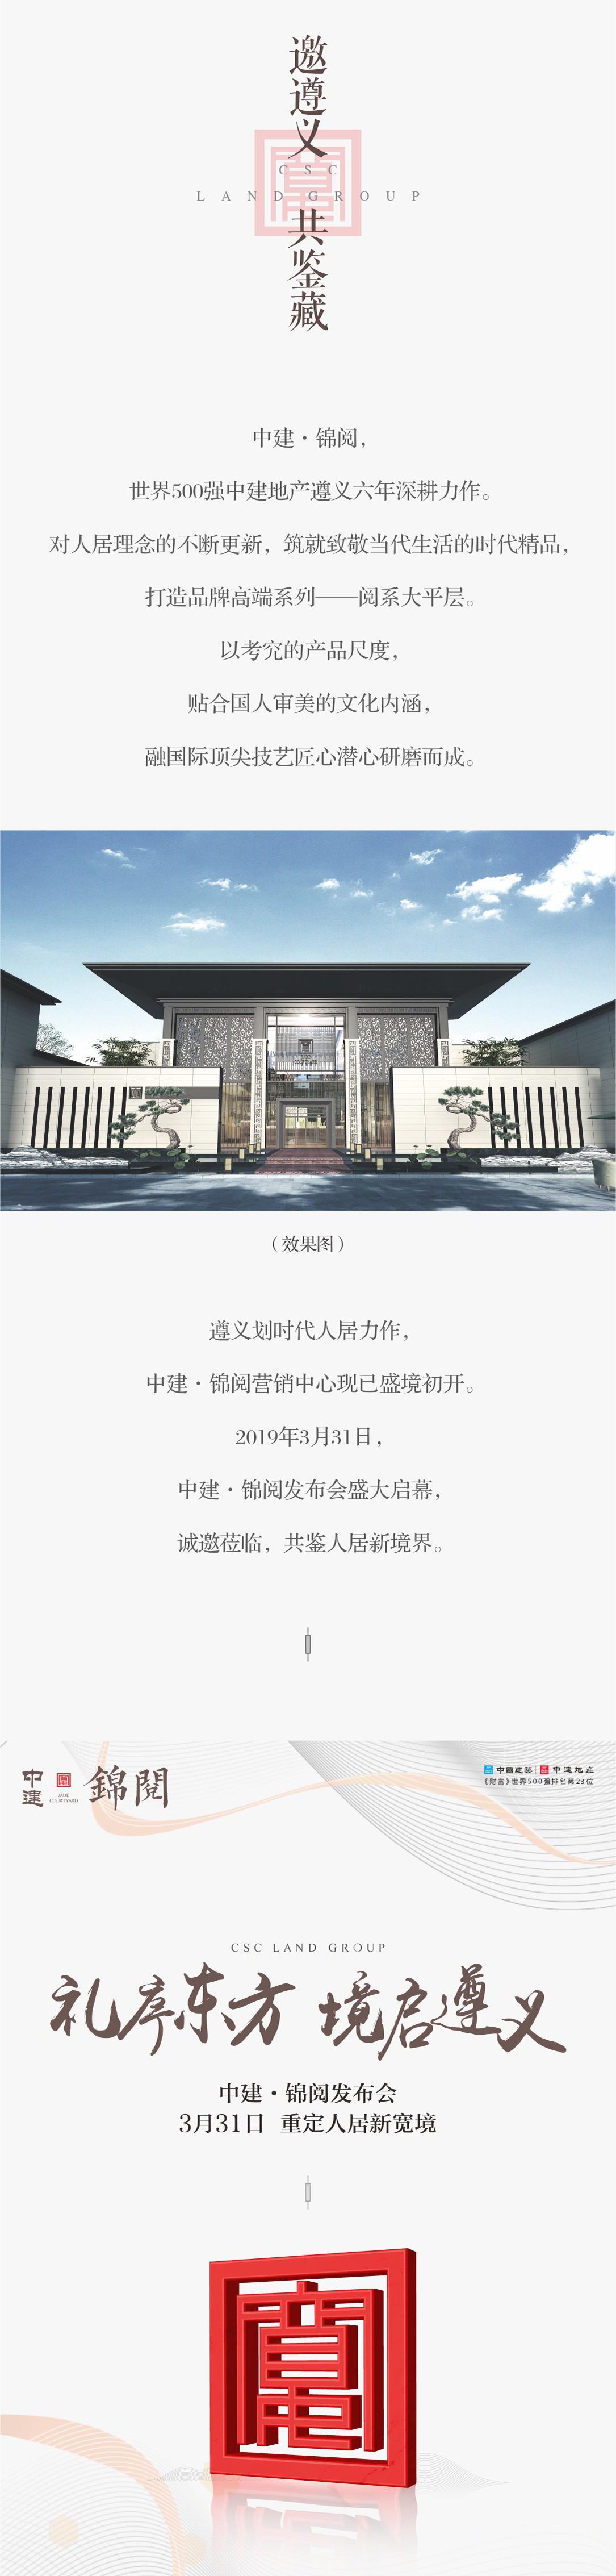 礼序乾坤 乐和天地 | 中建•锦阅营销中心盛境以待-中国网地产